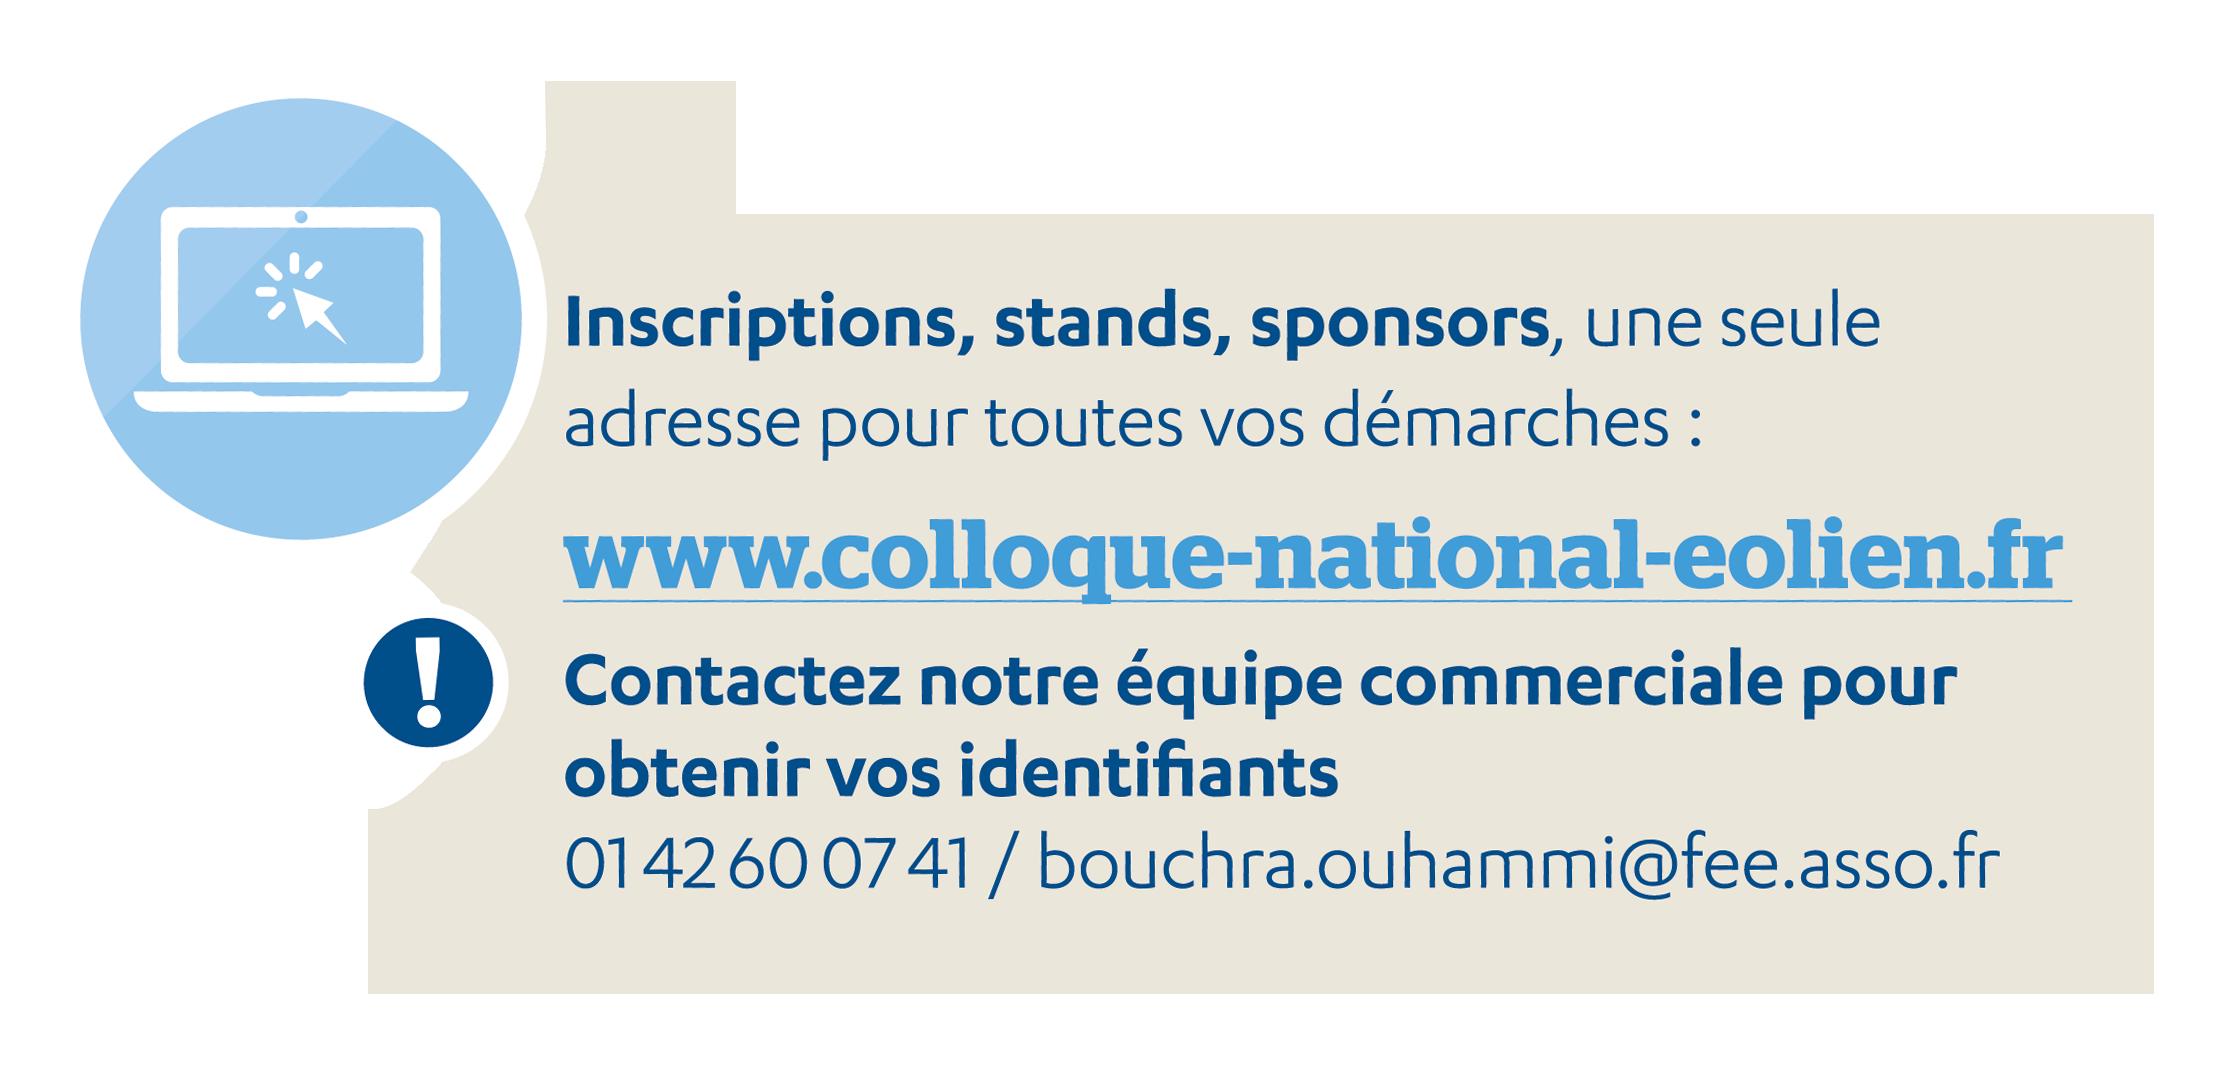 Inscription_CNE_2017